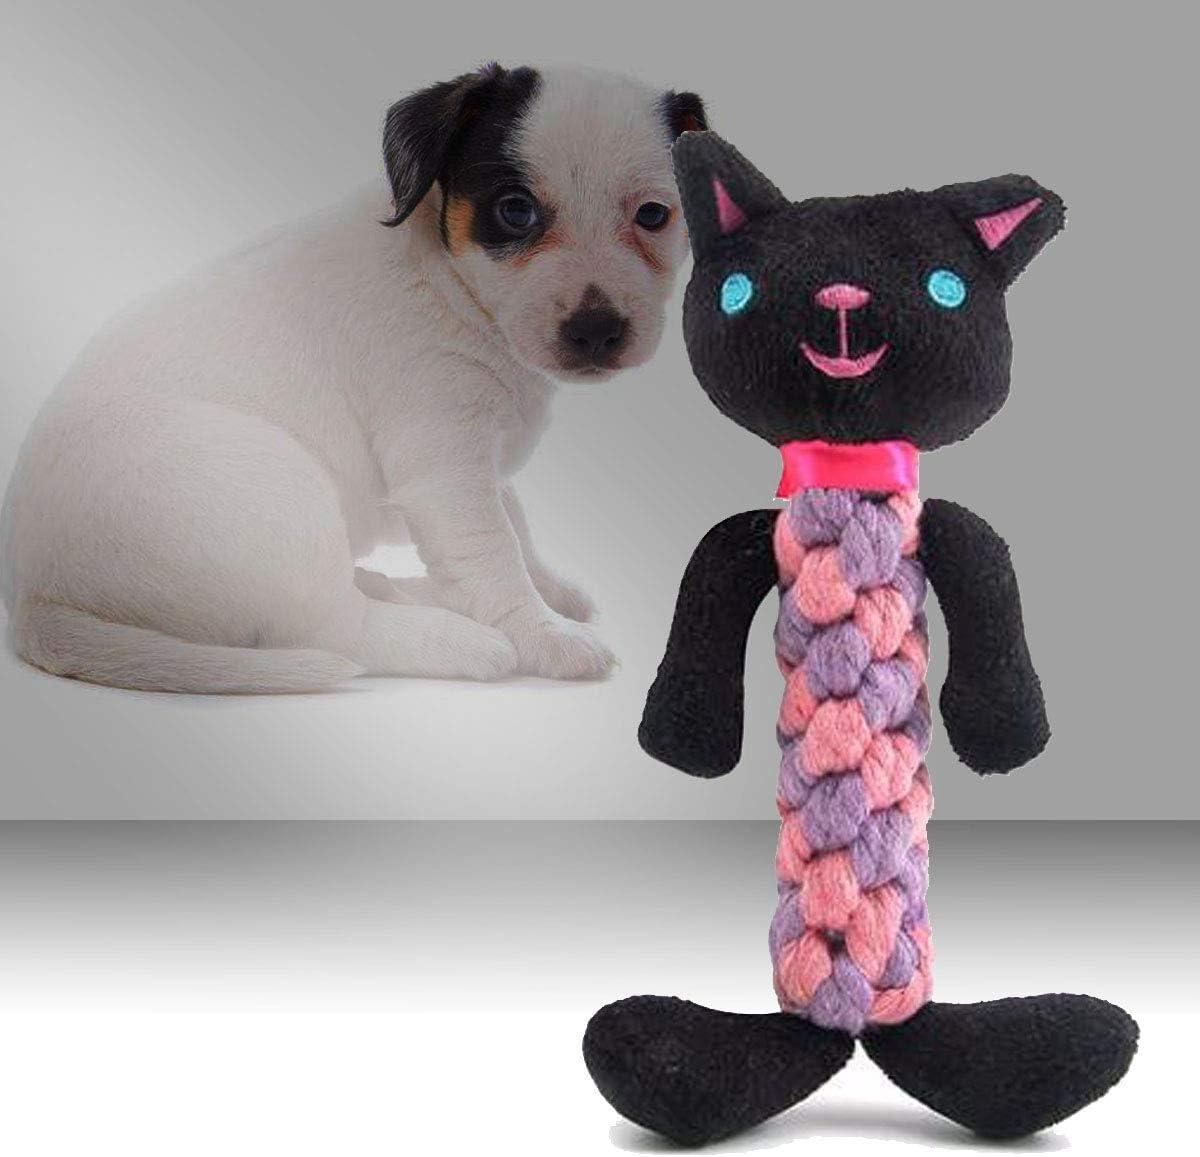 WOVELOT Animali Domestici Carina Gatto Animal Shape Peluche Morbido Suono Animale Domestico Giocattolo Giocattoli dentali dentali